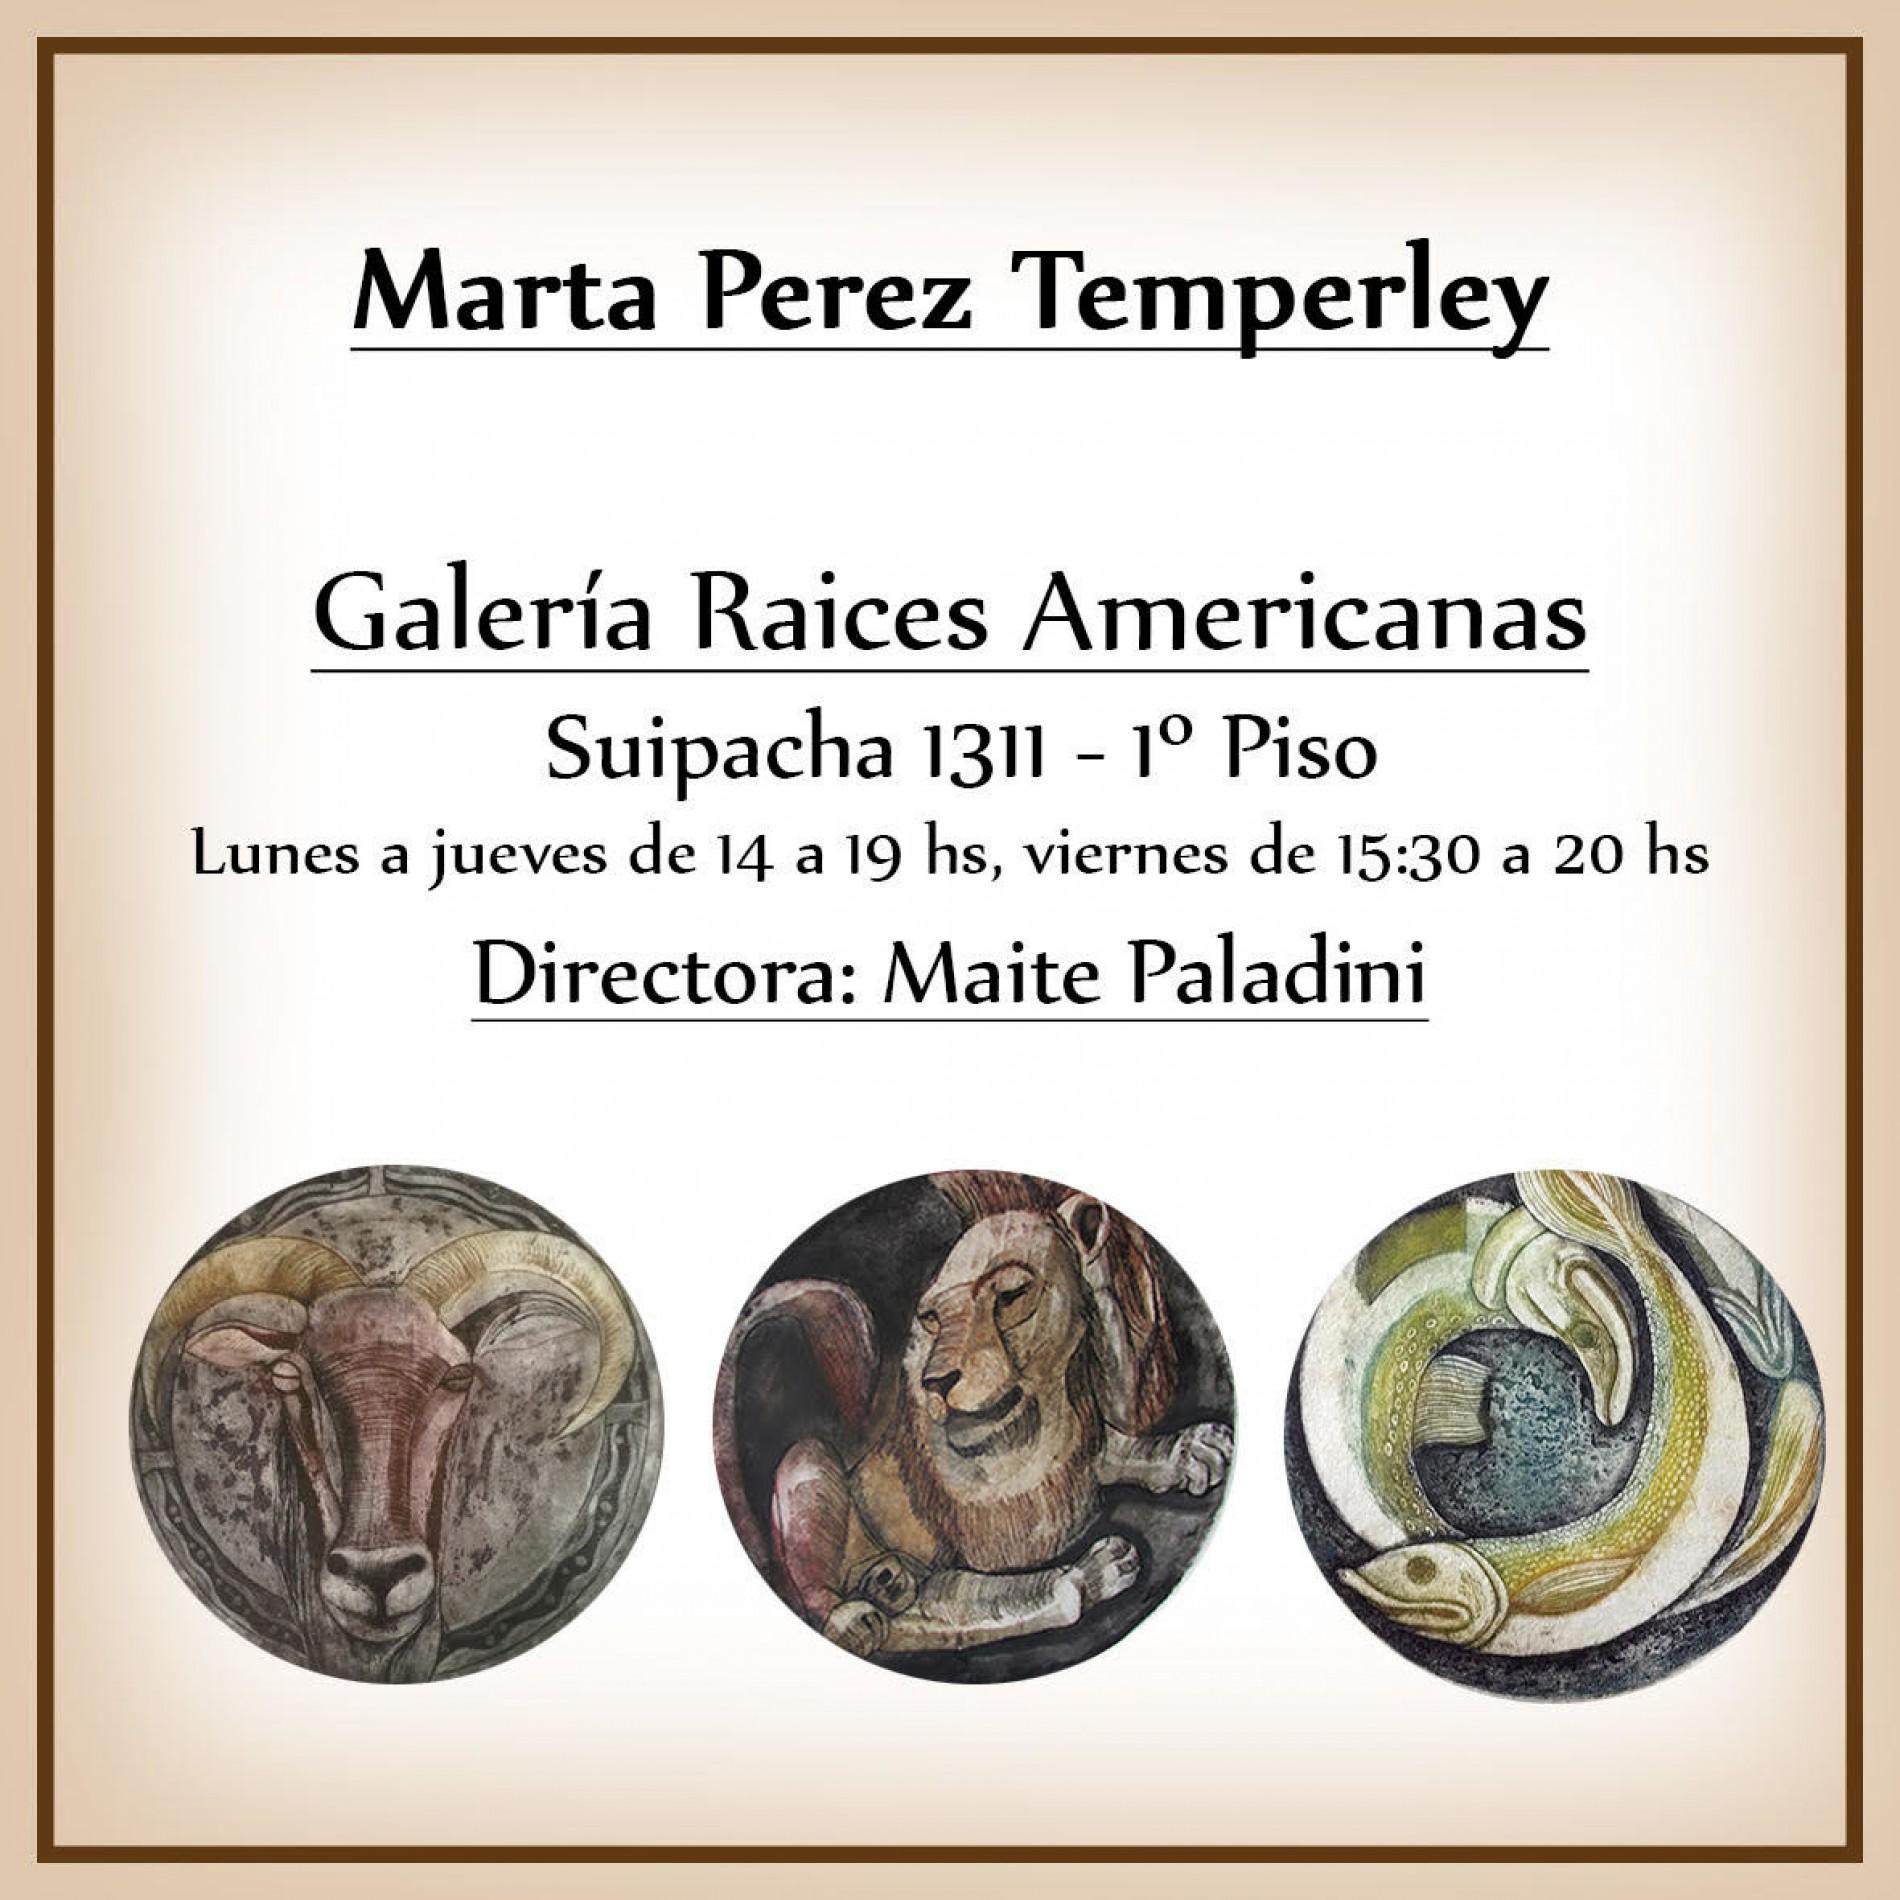 Adherente Marta Perez Temperley: » Galería Raices Americanas «